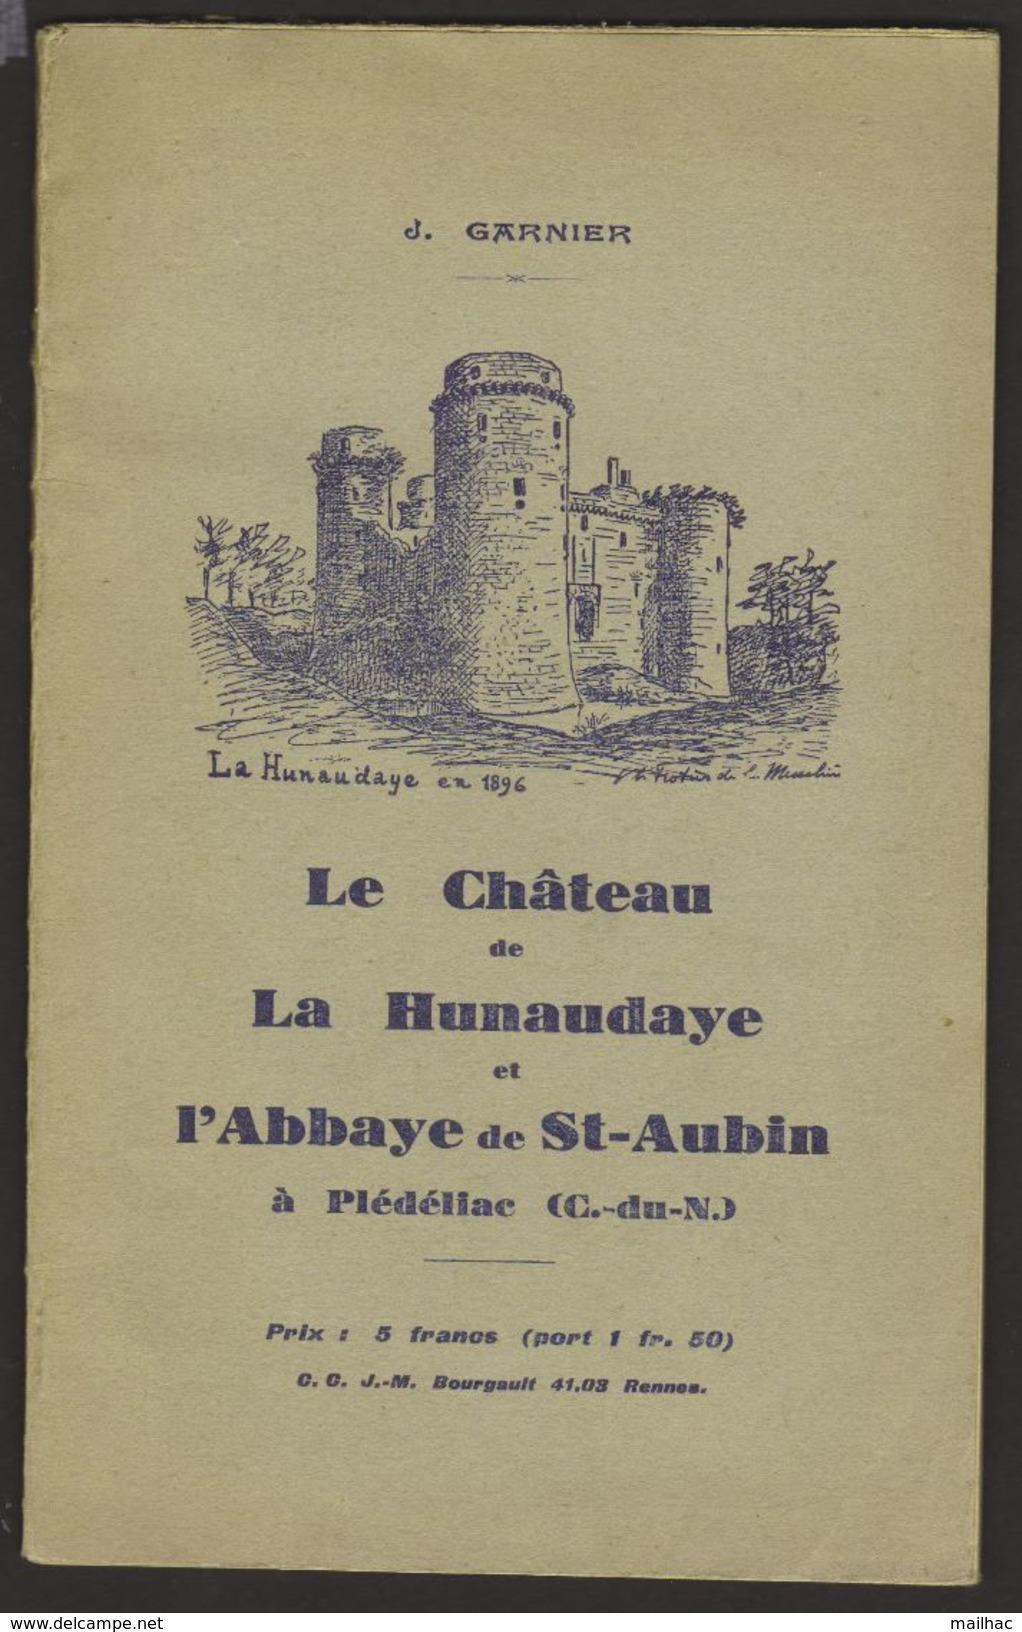 D 22 - Le Château De La Hunaudaye Et L'Abbaye De Sainr-Aubon - 1936 - PLEDELIAC - J. GARNIER - Livres, BD, Revues